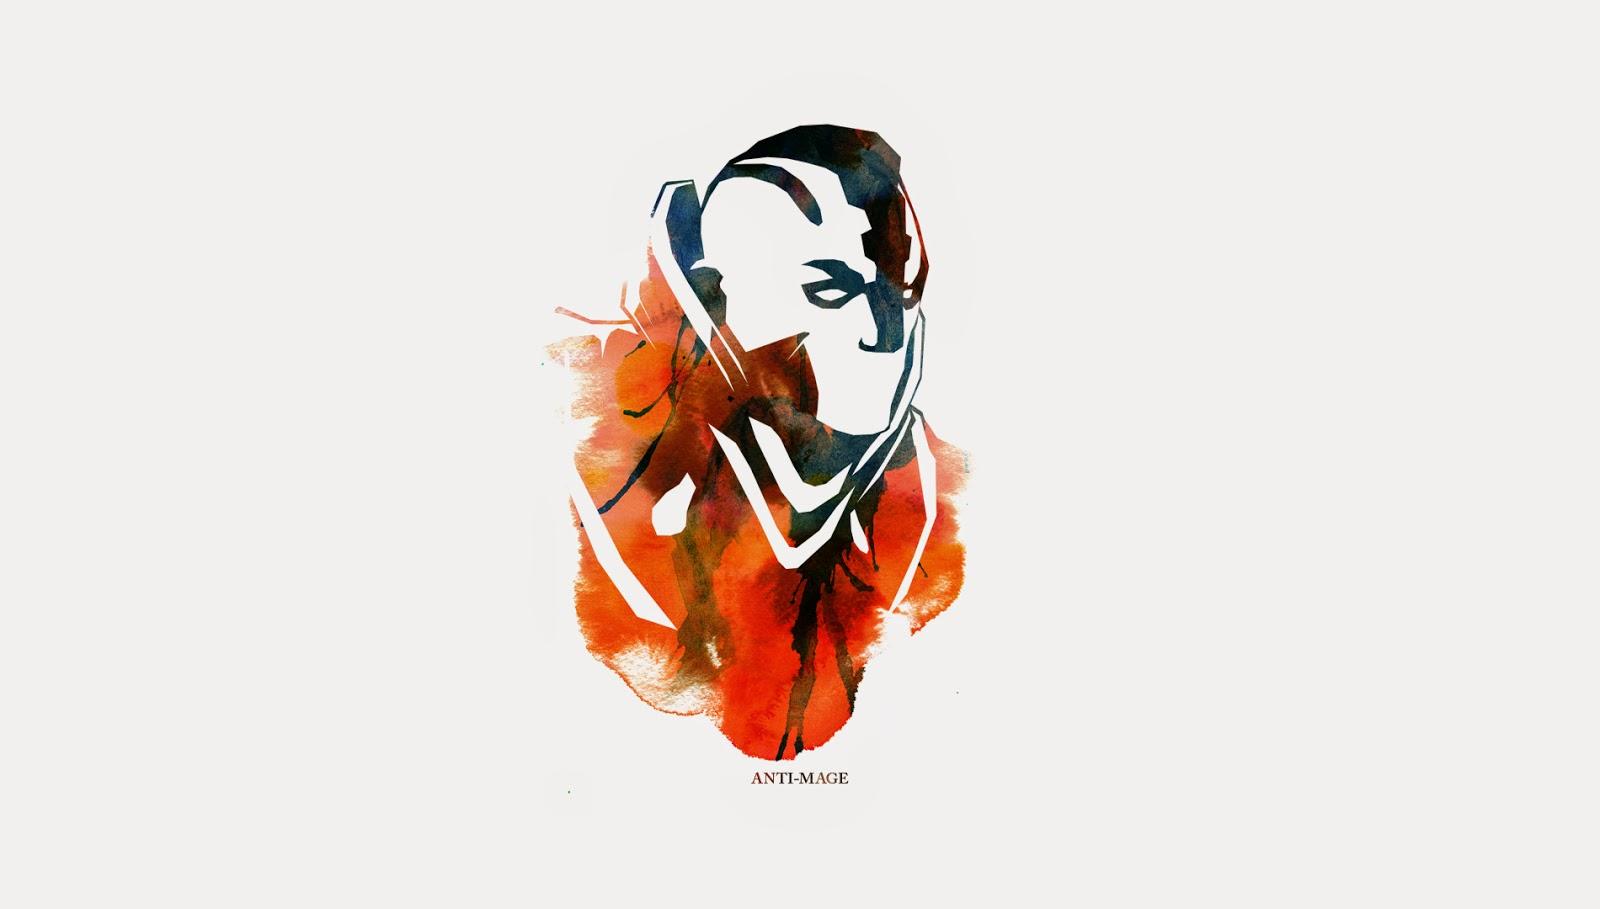 dota 2 fan art wallpaper full hd free download for desktop lol blog 3